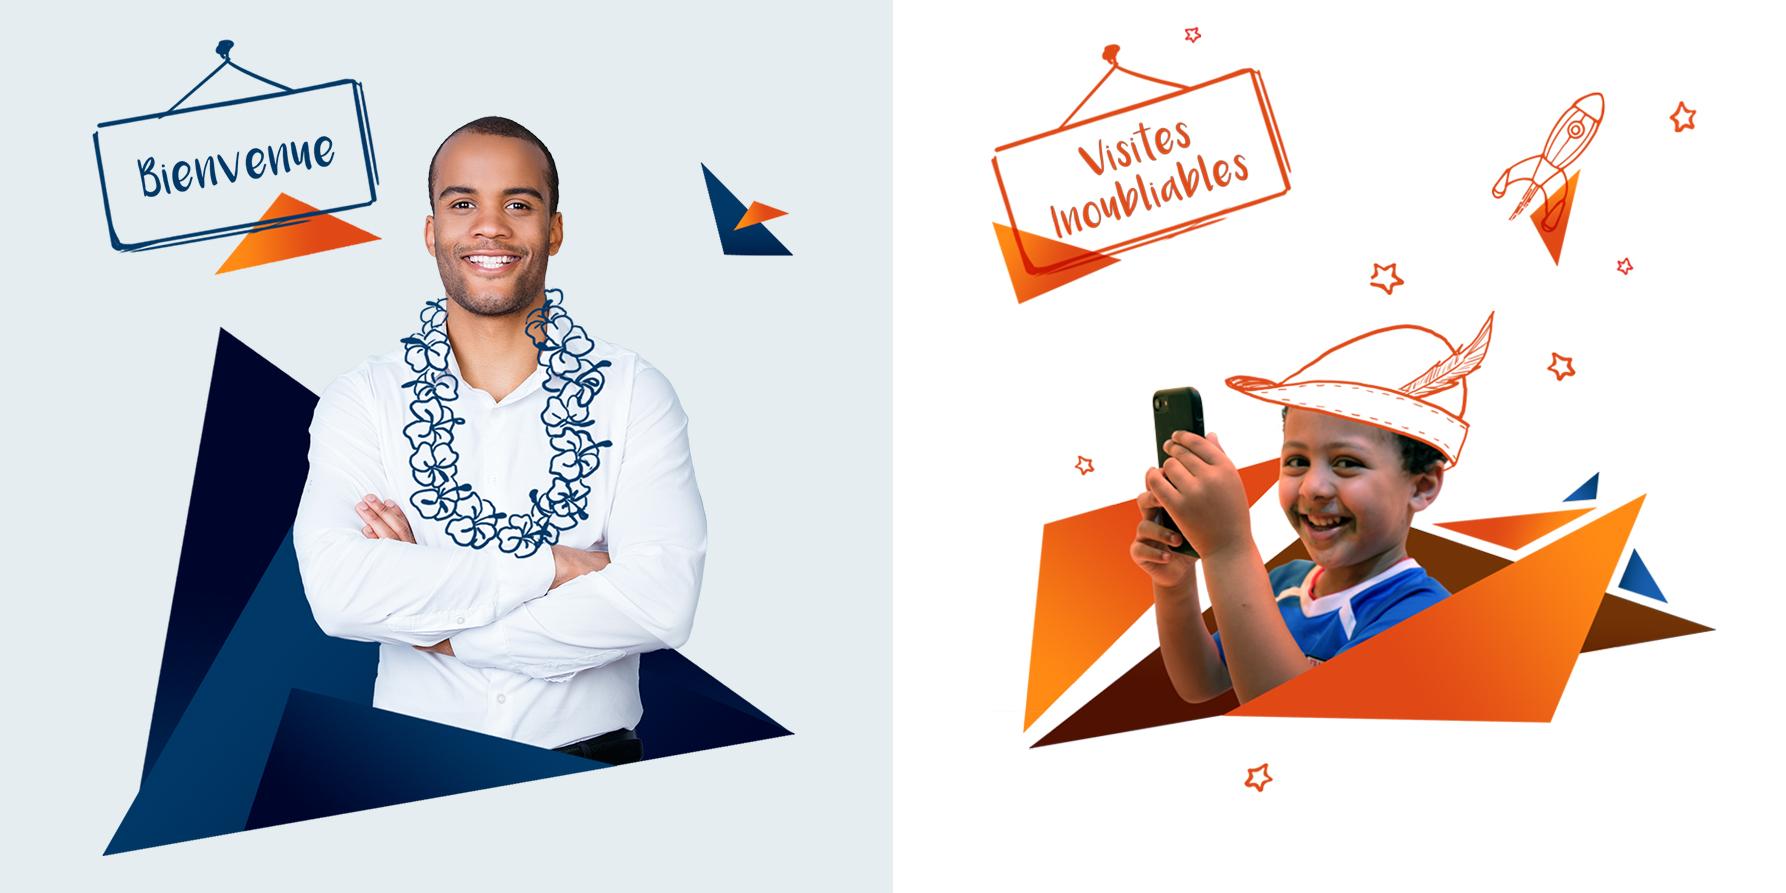 jane-et-bernie-illustrations-furet-company-tourisme-ressources-humaines-dessin-photomontage